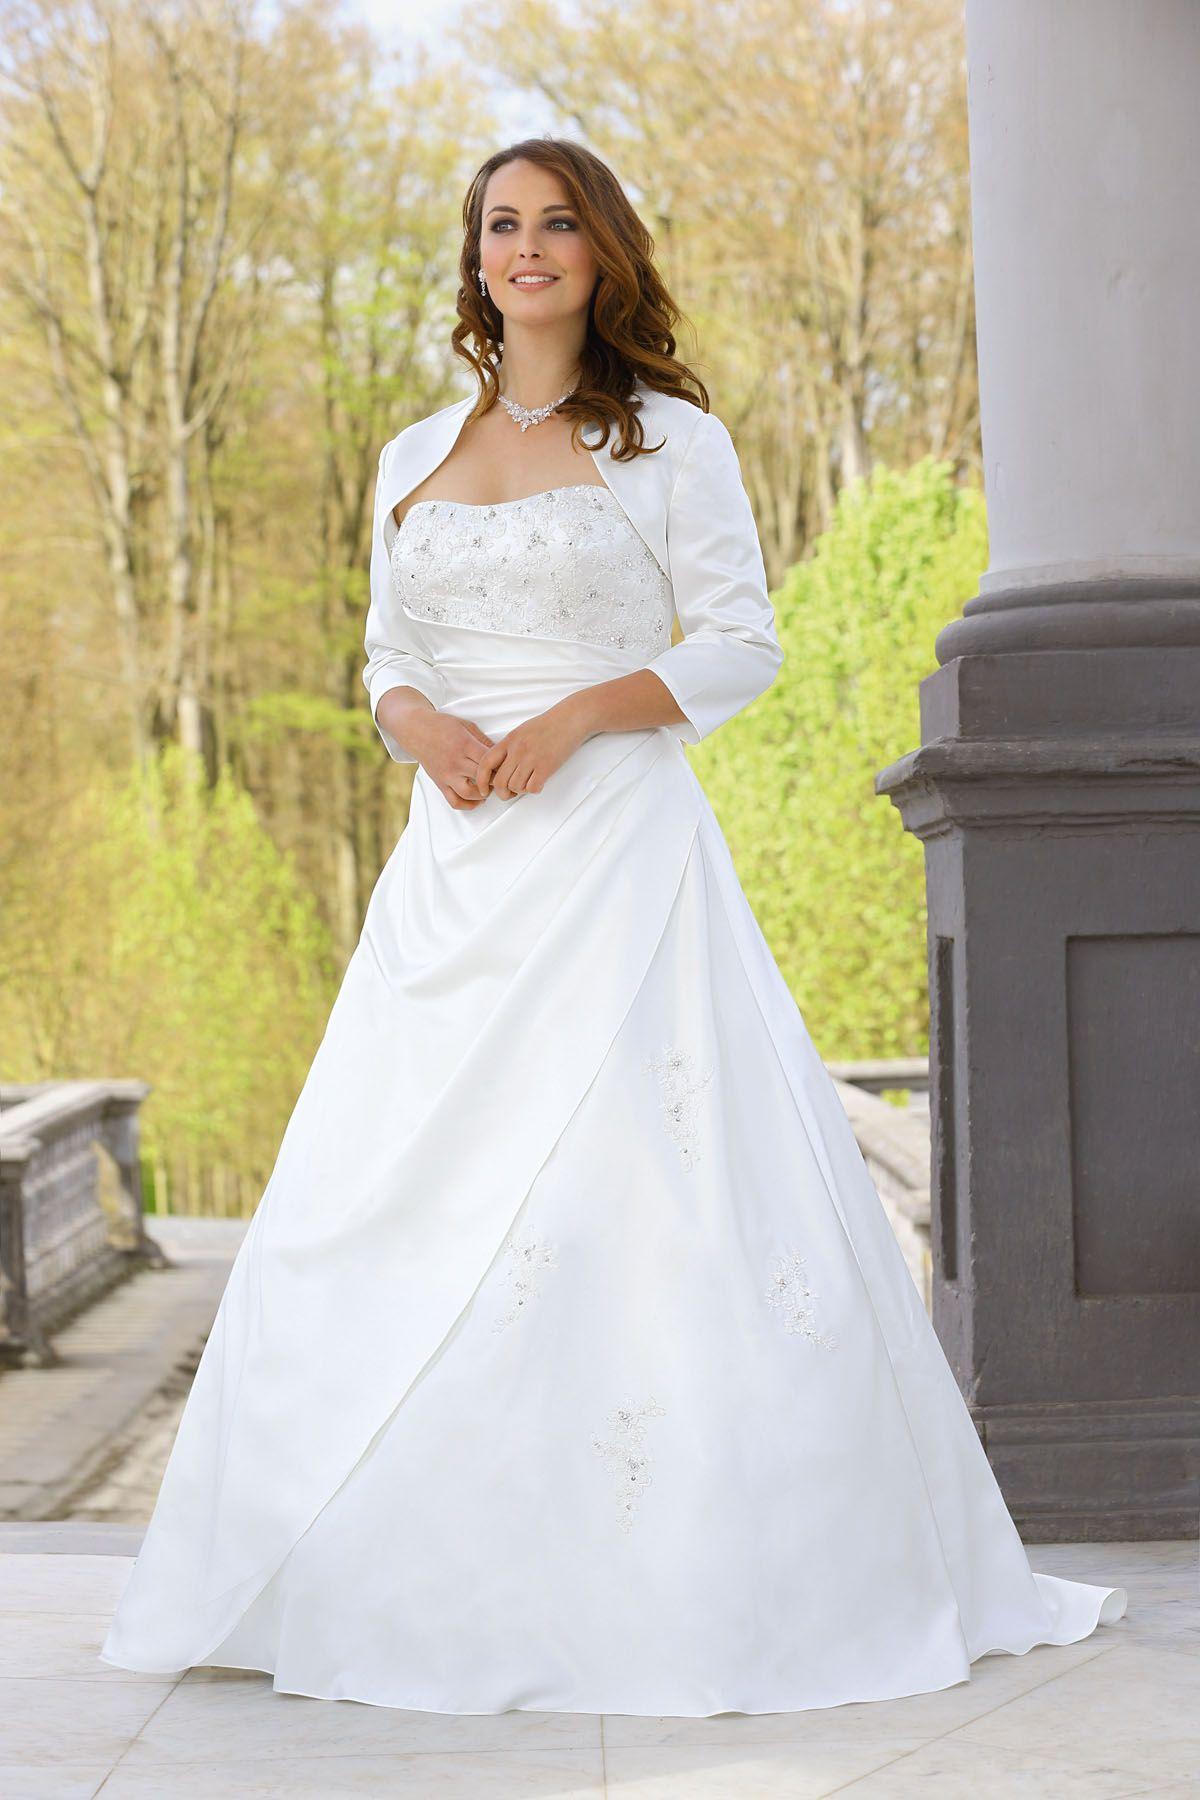 Brautkleid Aus Der Ladybird Brautmoden Kollektion 2015 Bridal Dress From The 2015 Ladybird Collection Kleid Hochzeit Braut Brautkleid